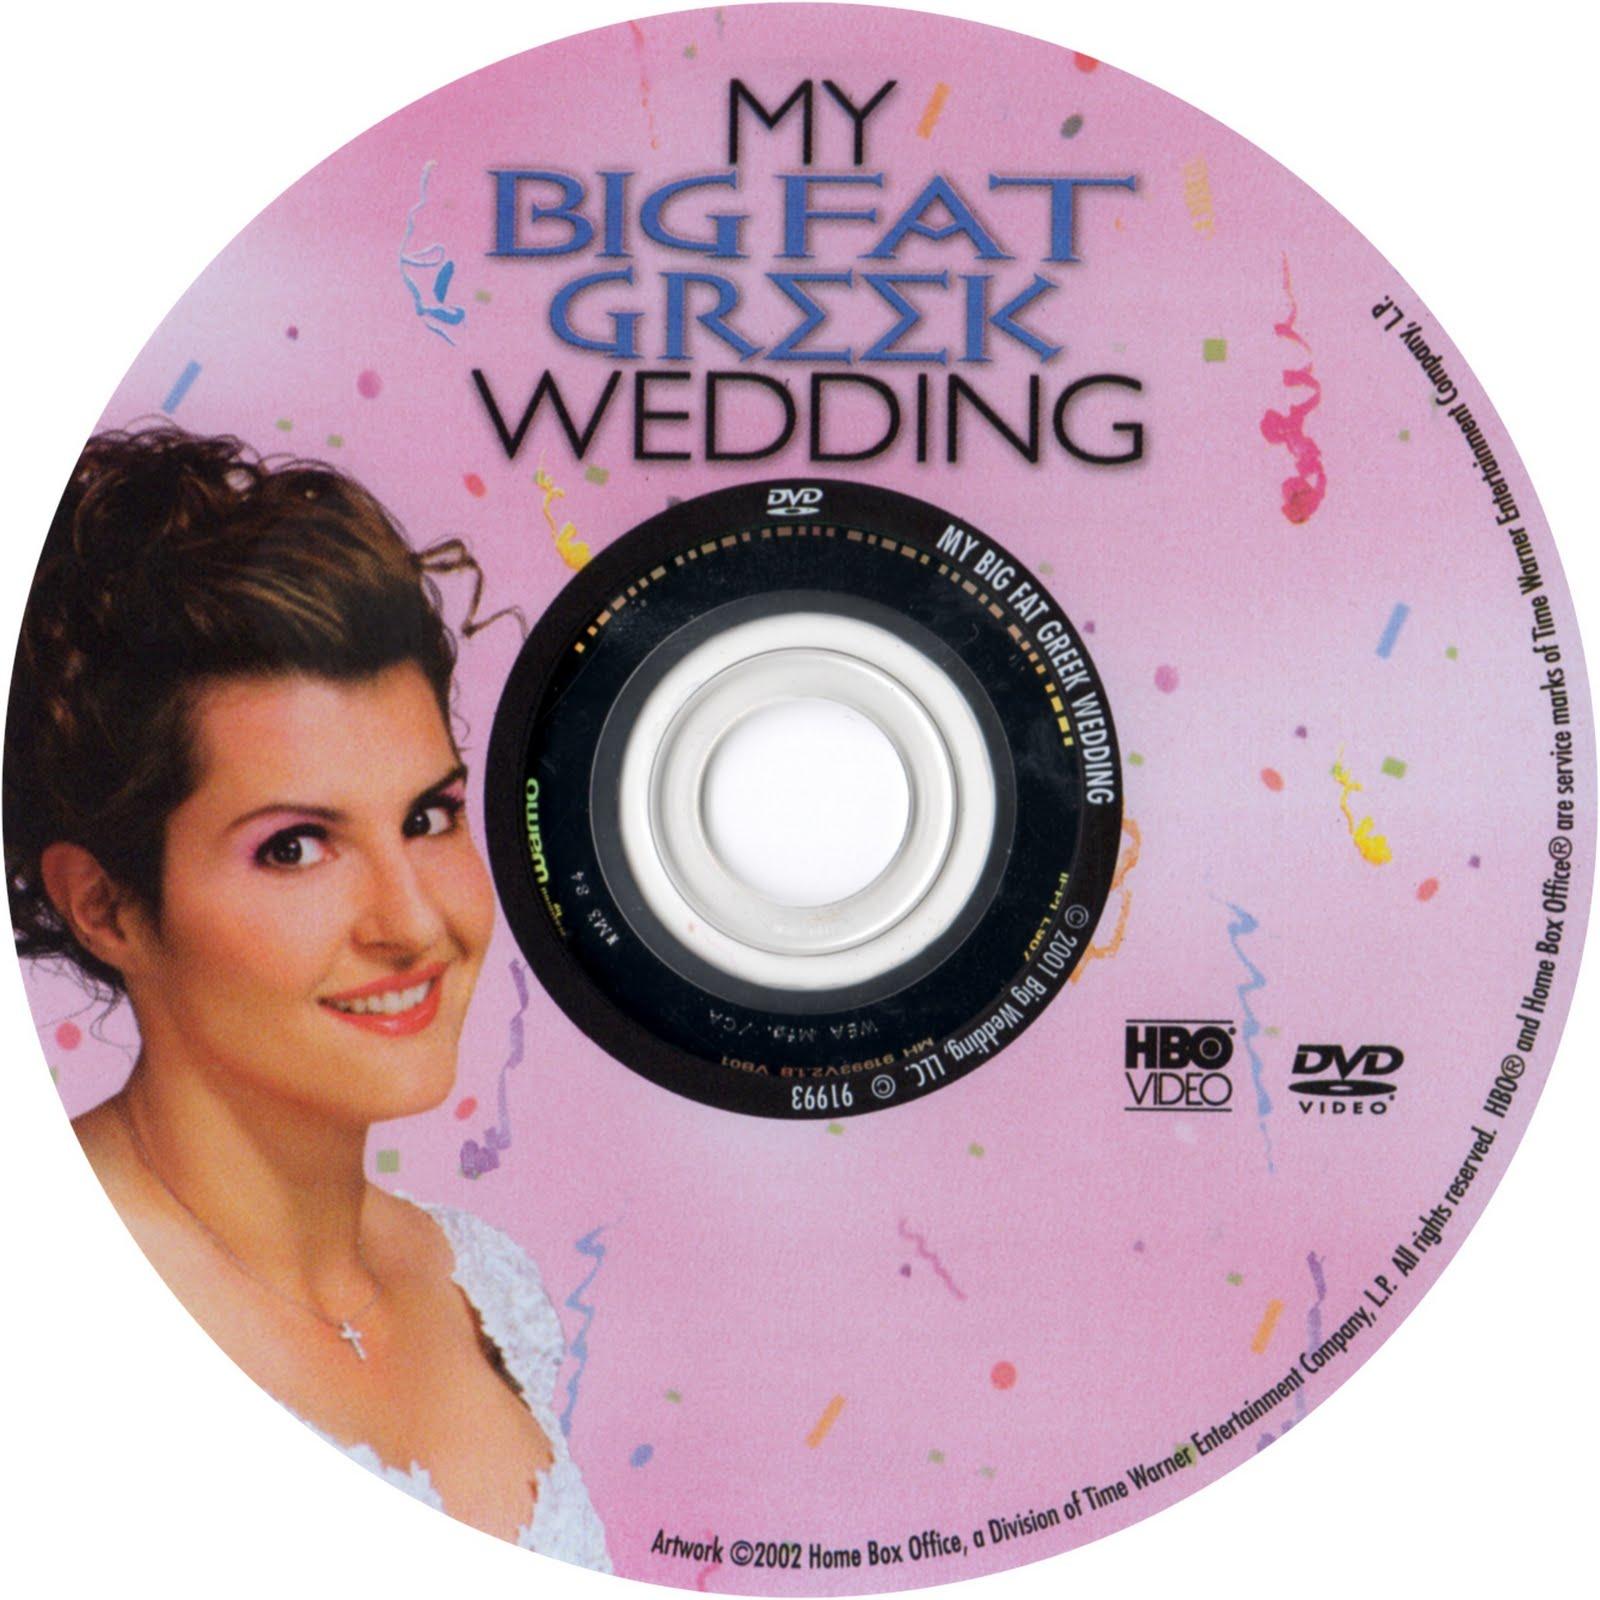 My Big Fat Greek Wedding Movie Quotes: My Big Fat Greek Wedding 2002 Movie Quotes